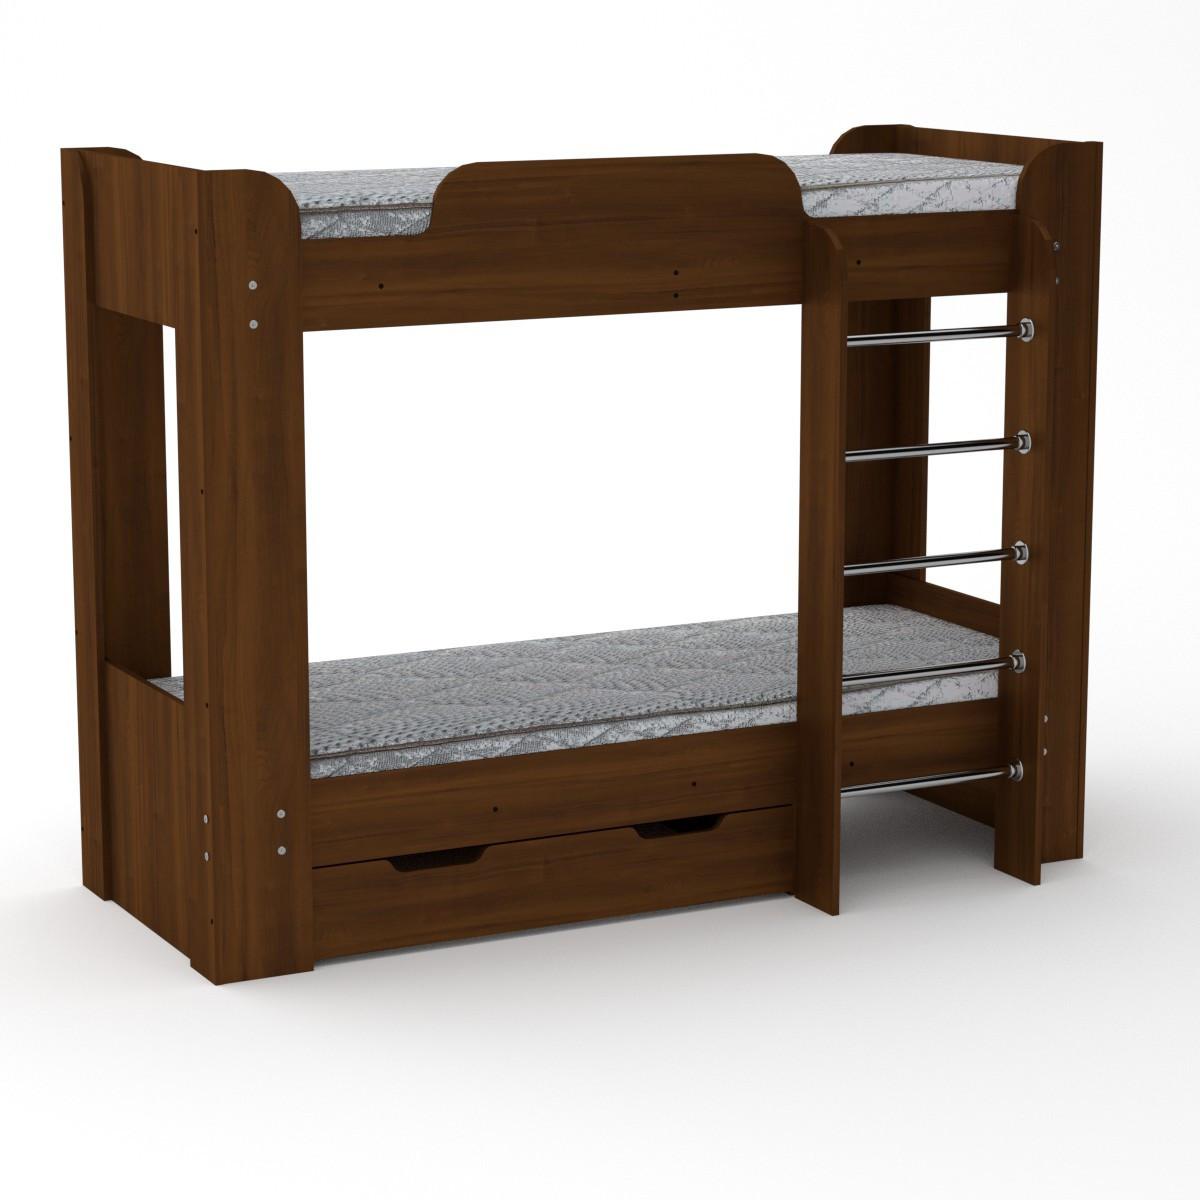 Кровать двухъярусная Твикс-2 орех экко Компанит